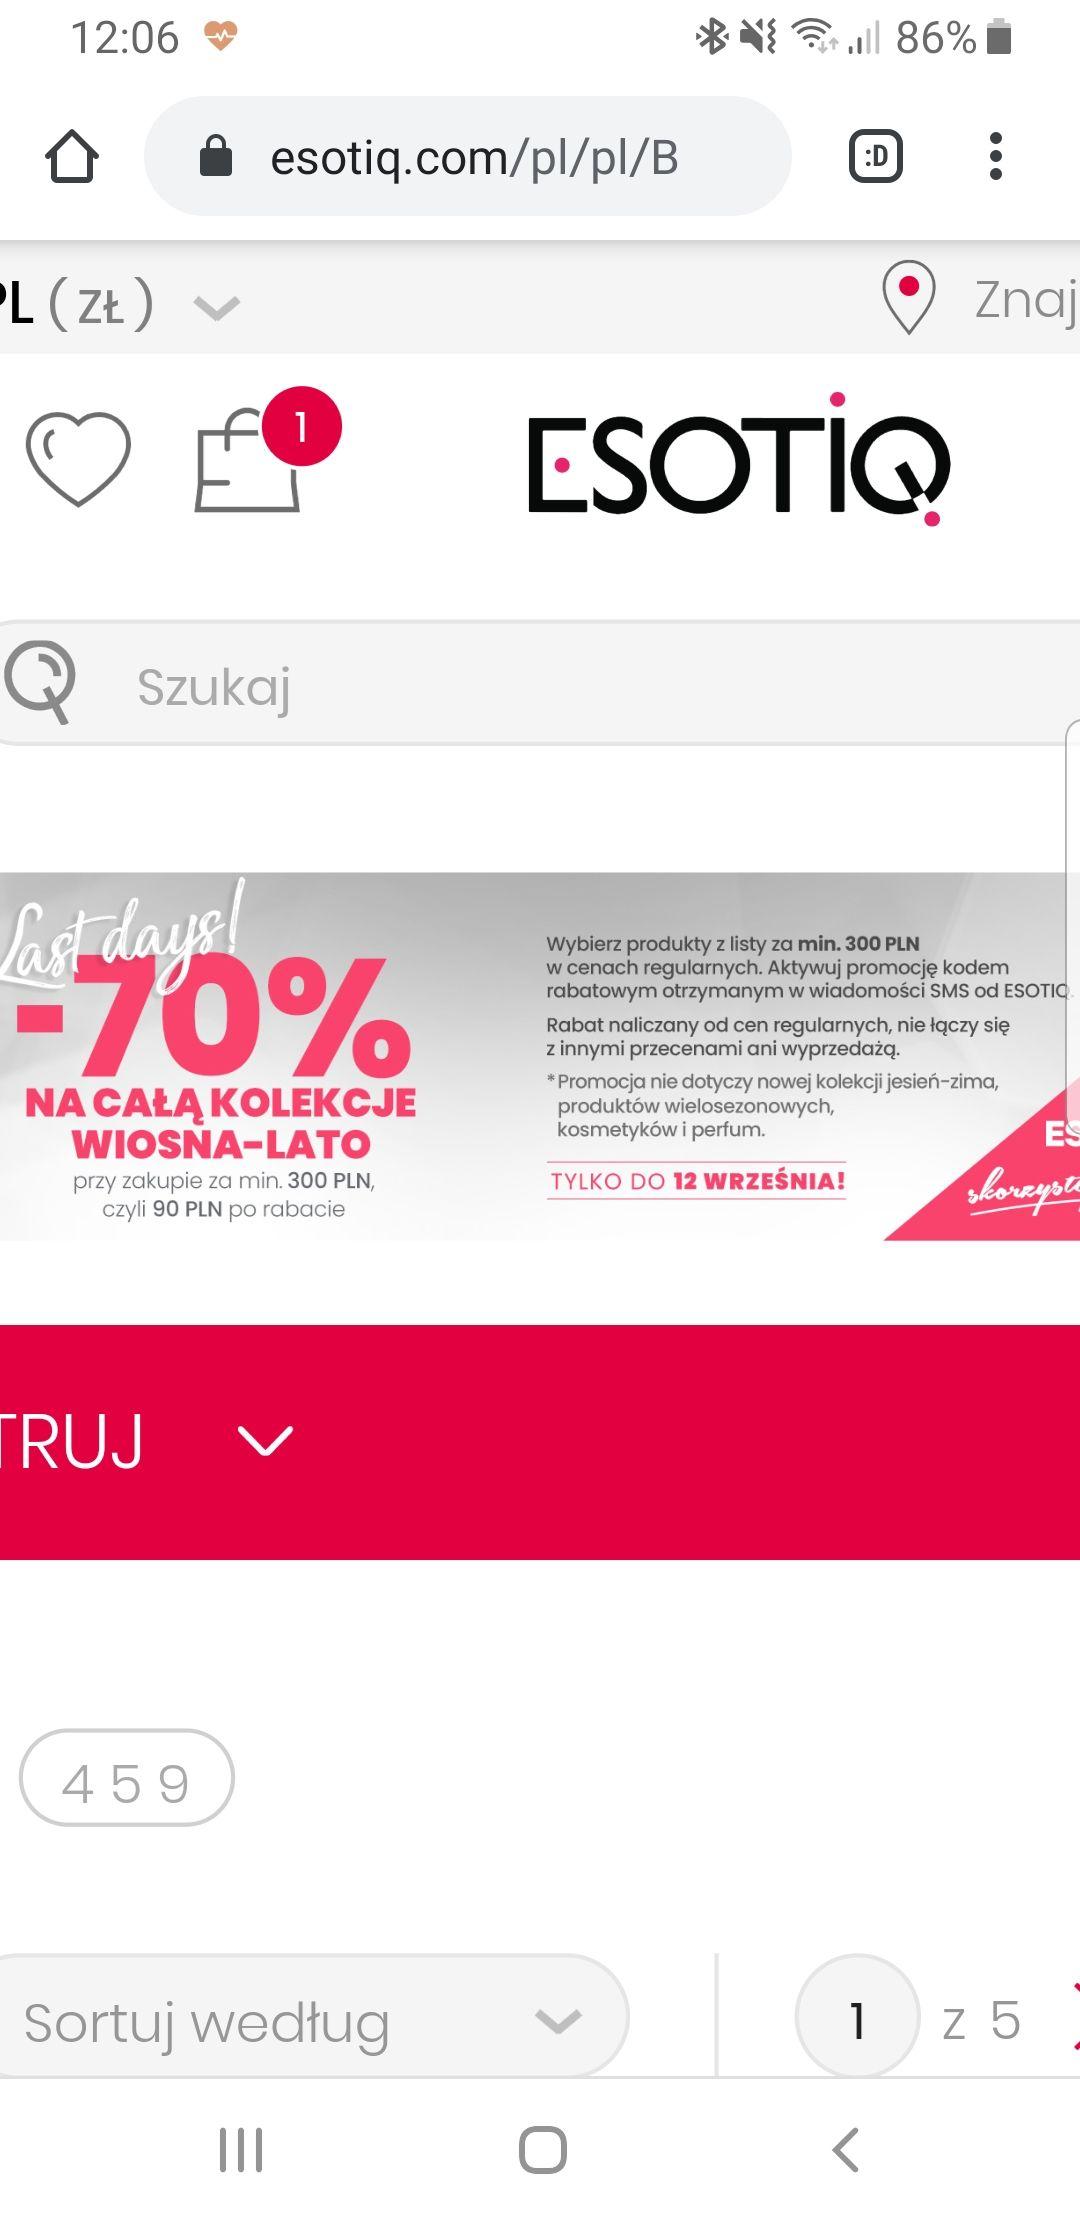 Esotiq -70% na CALA KOLEKCE WIOSNA-LATO przy zakupie za min. 300zl